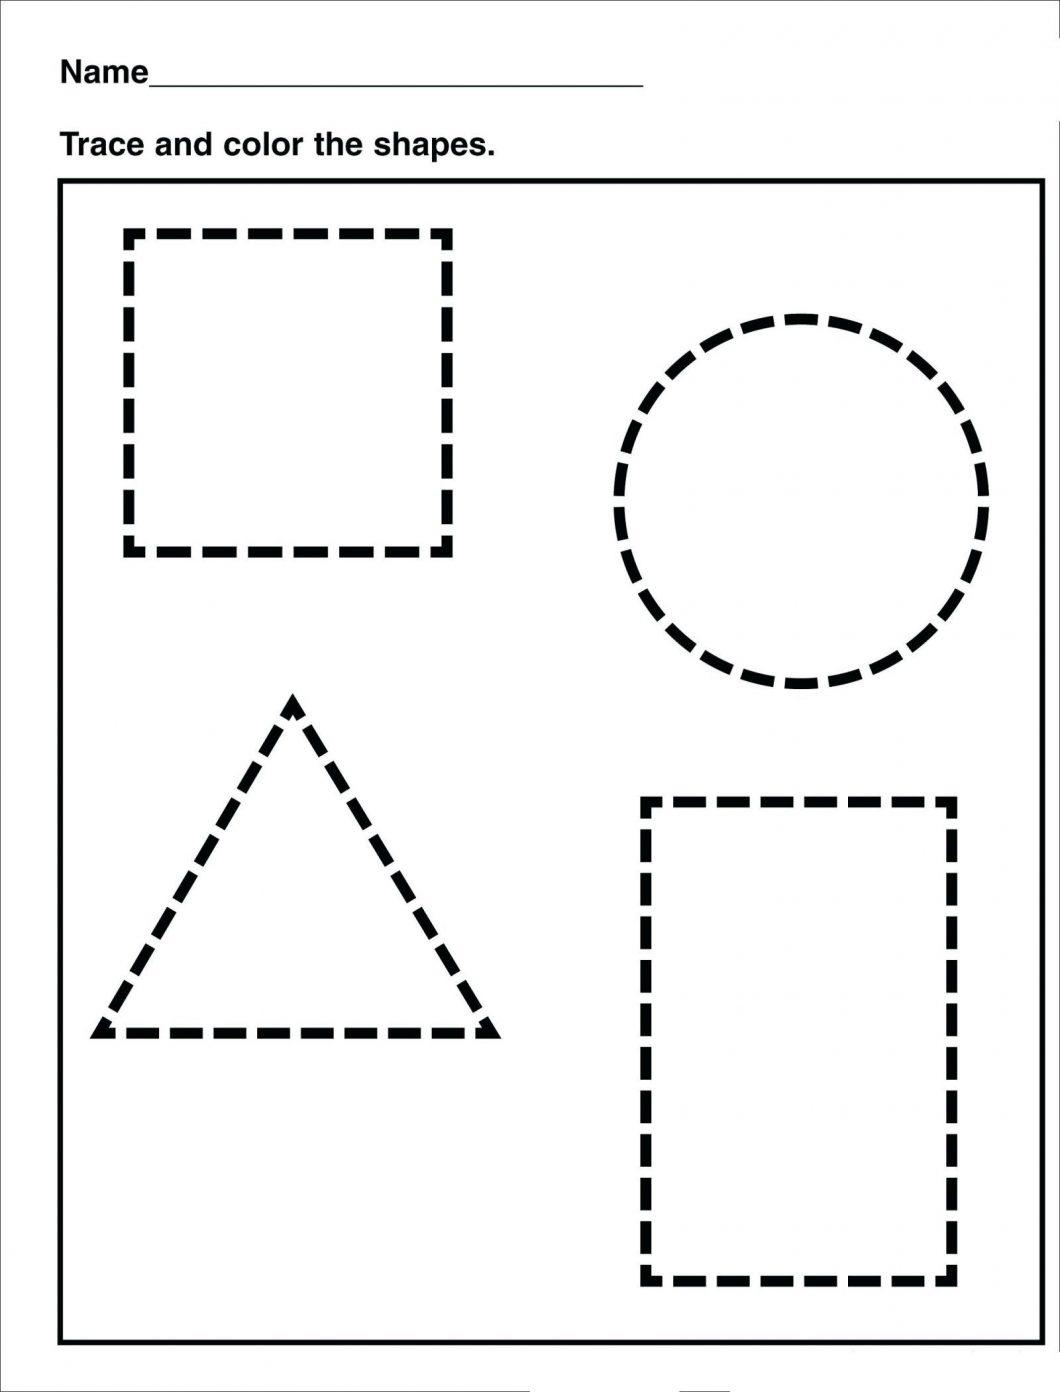 Free Printable Worksheets For Kindergarten – With Basic Math Also - Free Printable Shapes Worksheets For Kindergarten